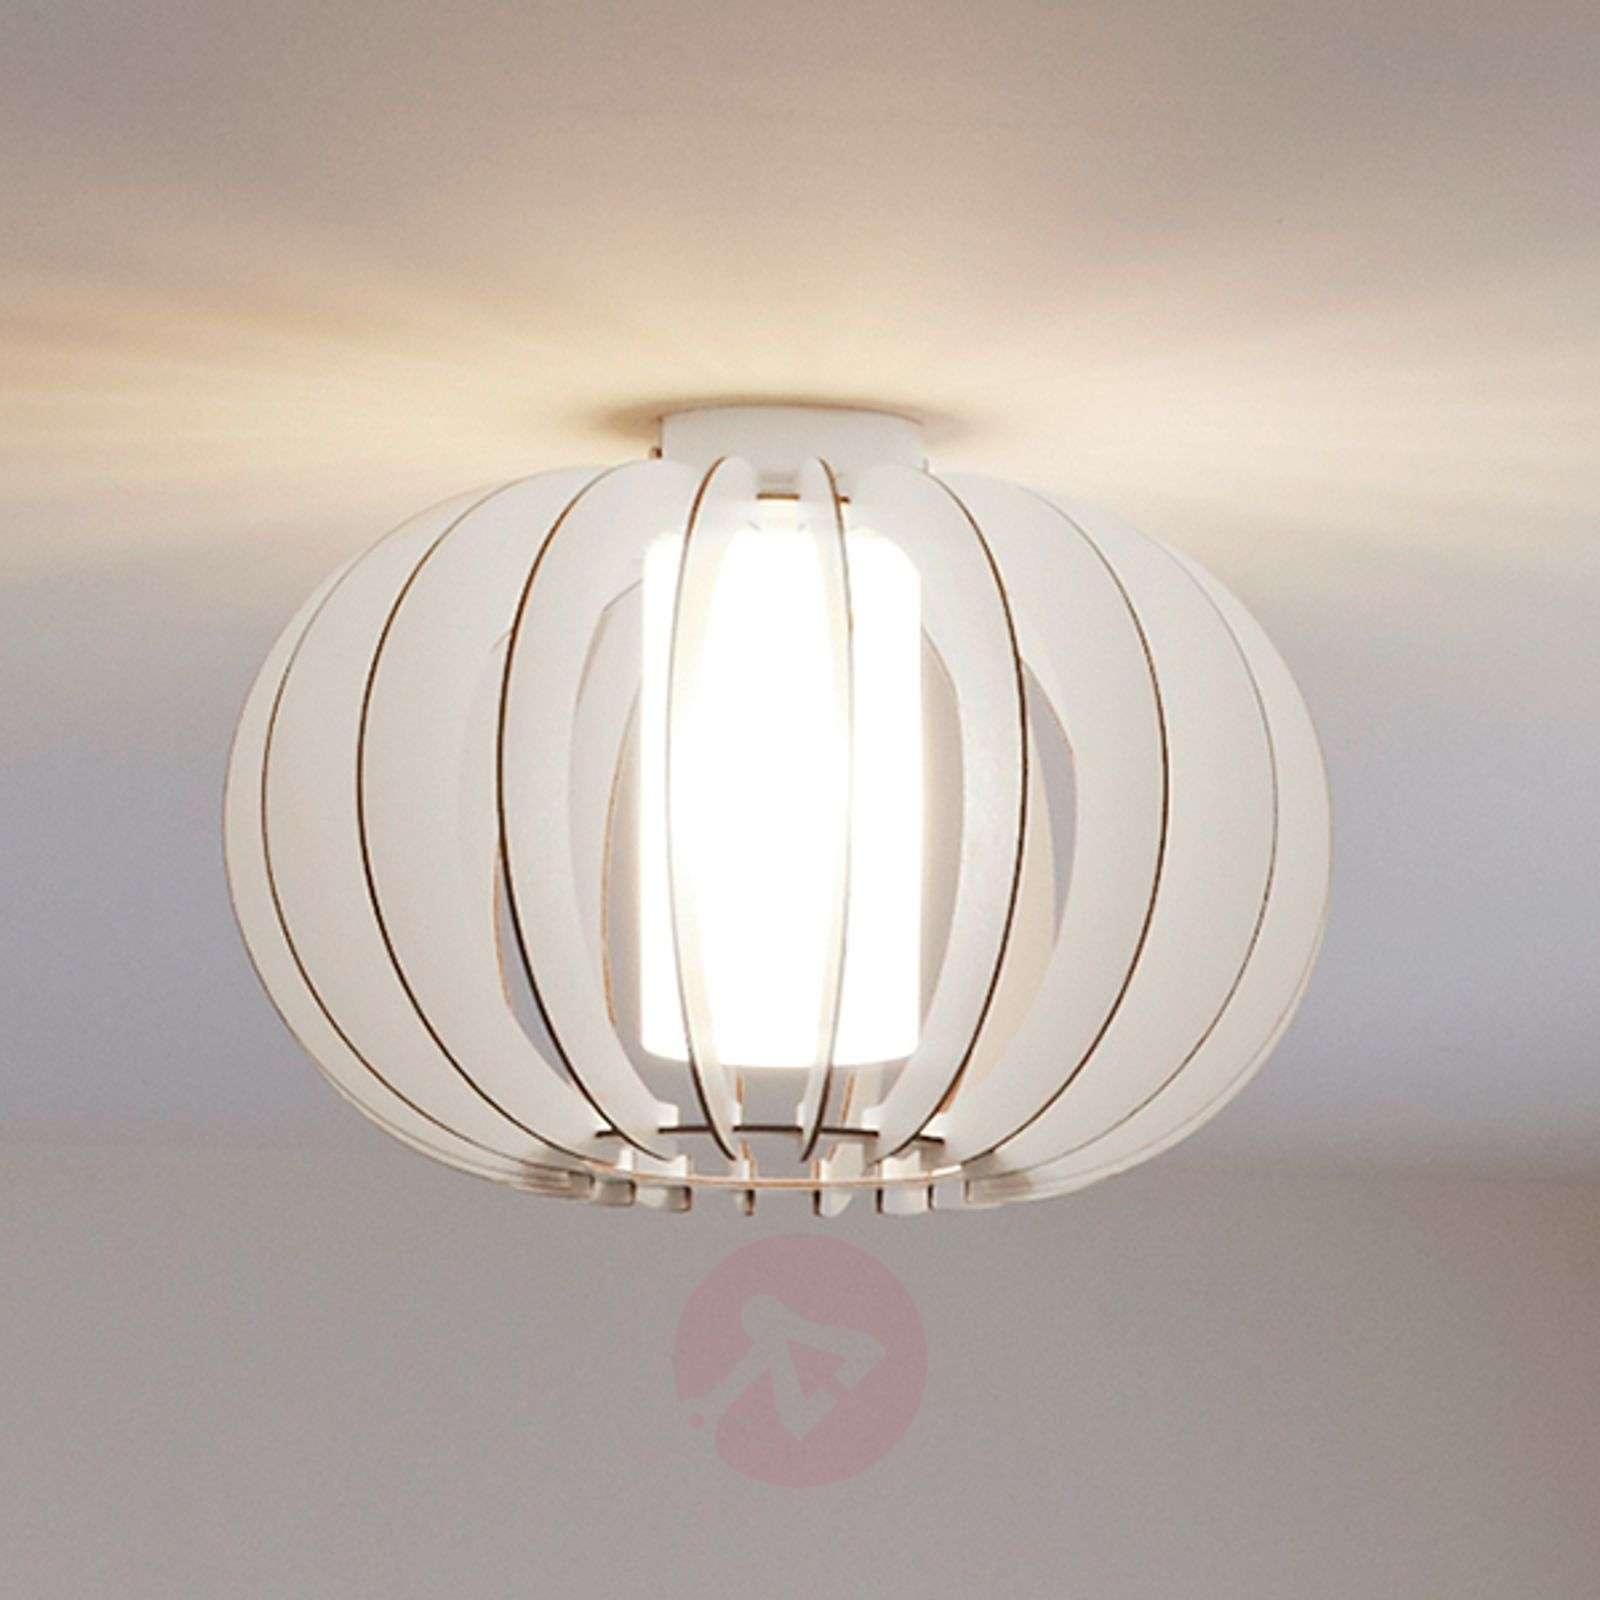 Stellato – pyöreä puinen kattovalaisin valkoisena-3031893-01